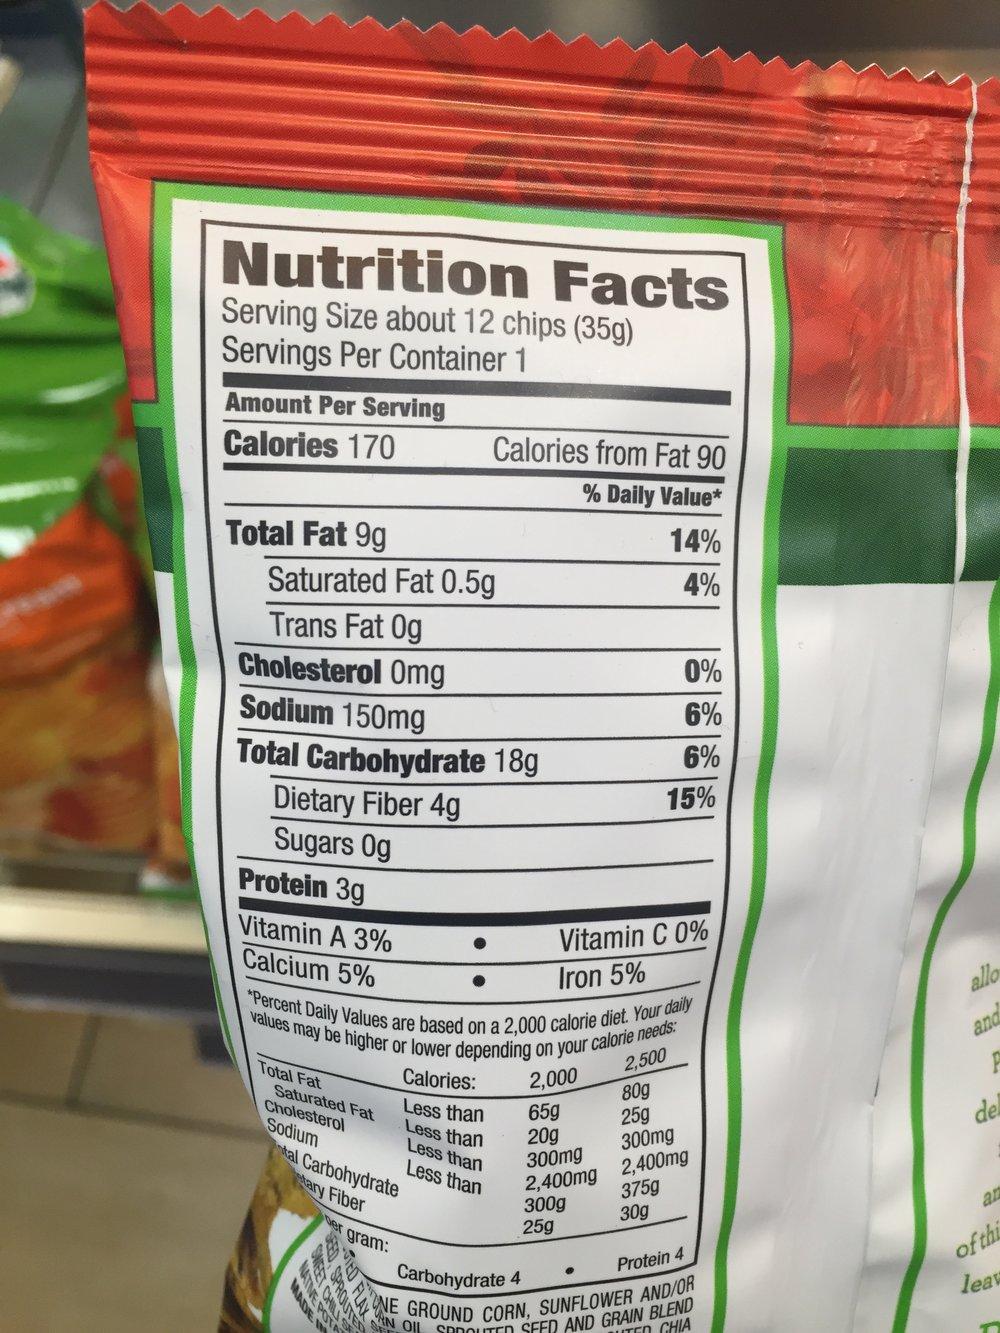 Ingredients: no trans fats and no sugar.